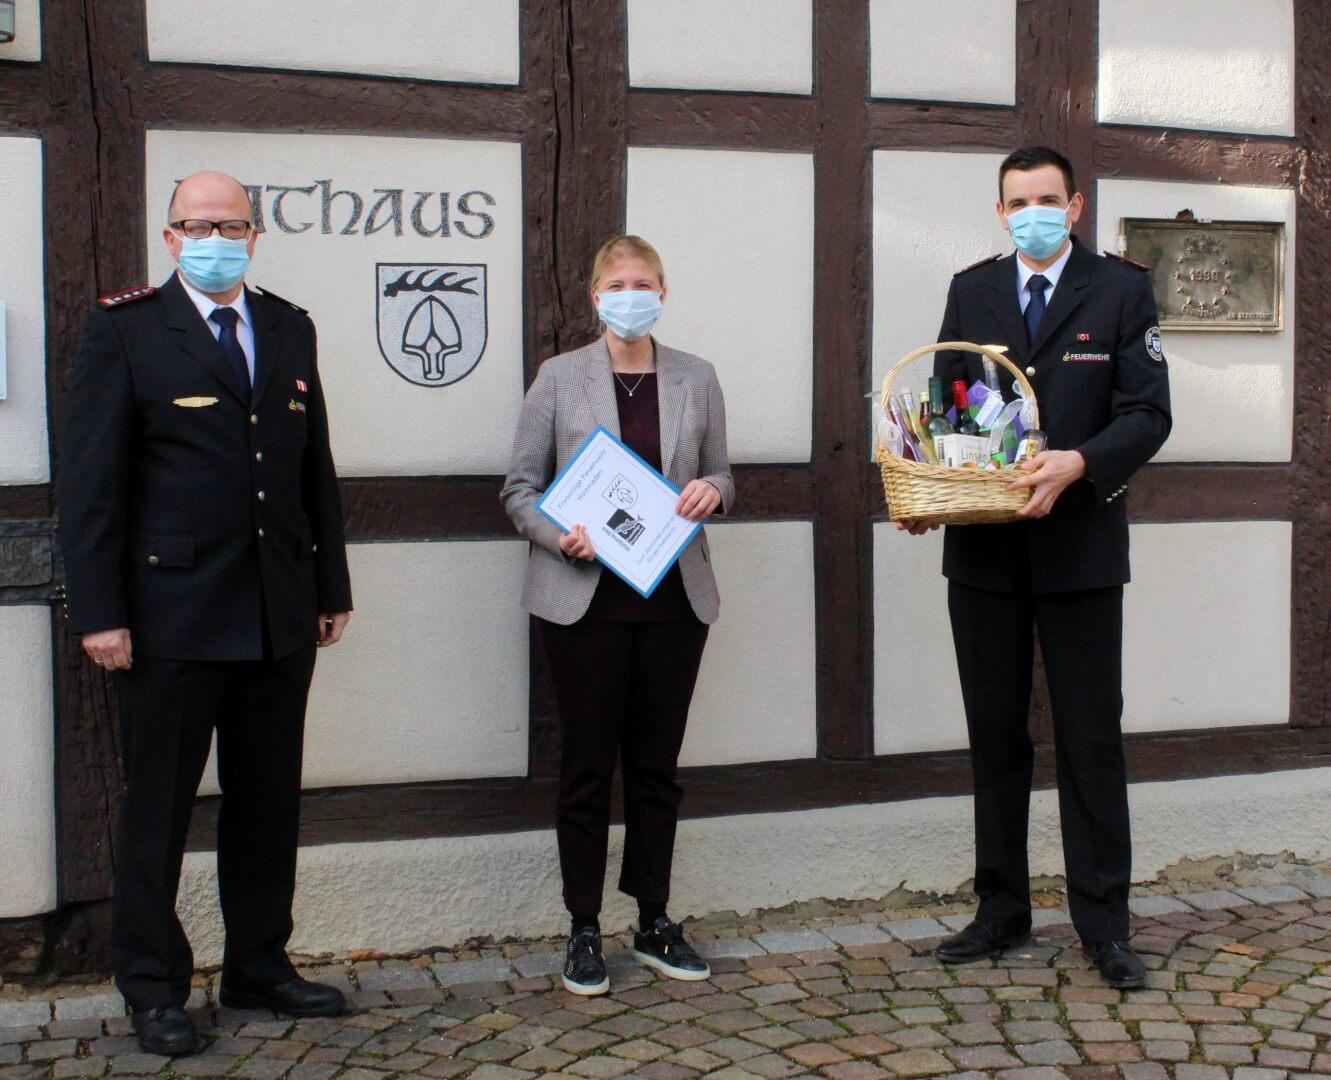 Kommandant Thomas Polster (li.) und stv. Kdt. Max Dopatka überreichten Fr. Irion zum Abschied einen Geschenkkorb und Grußworte der Feuerwehr.